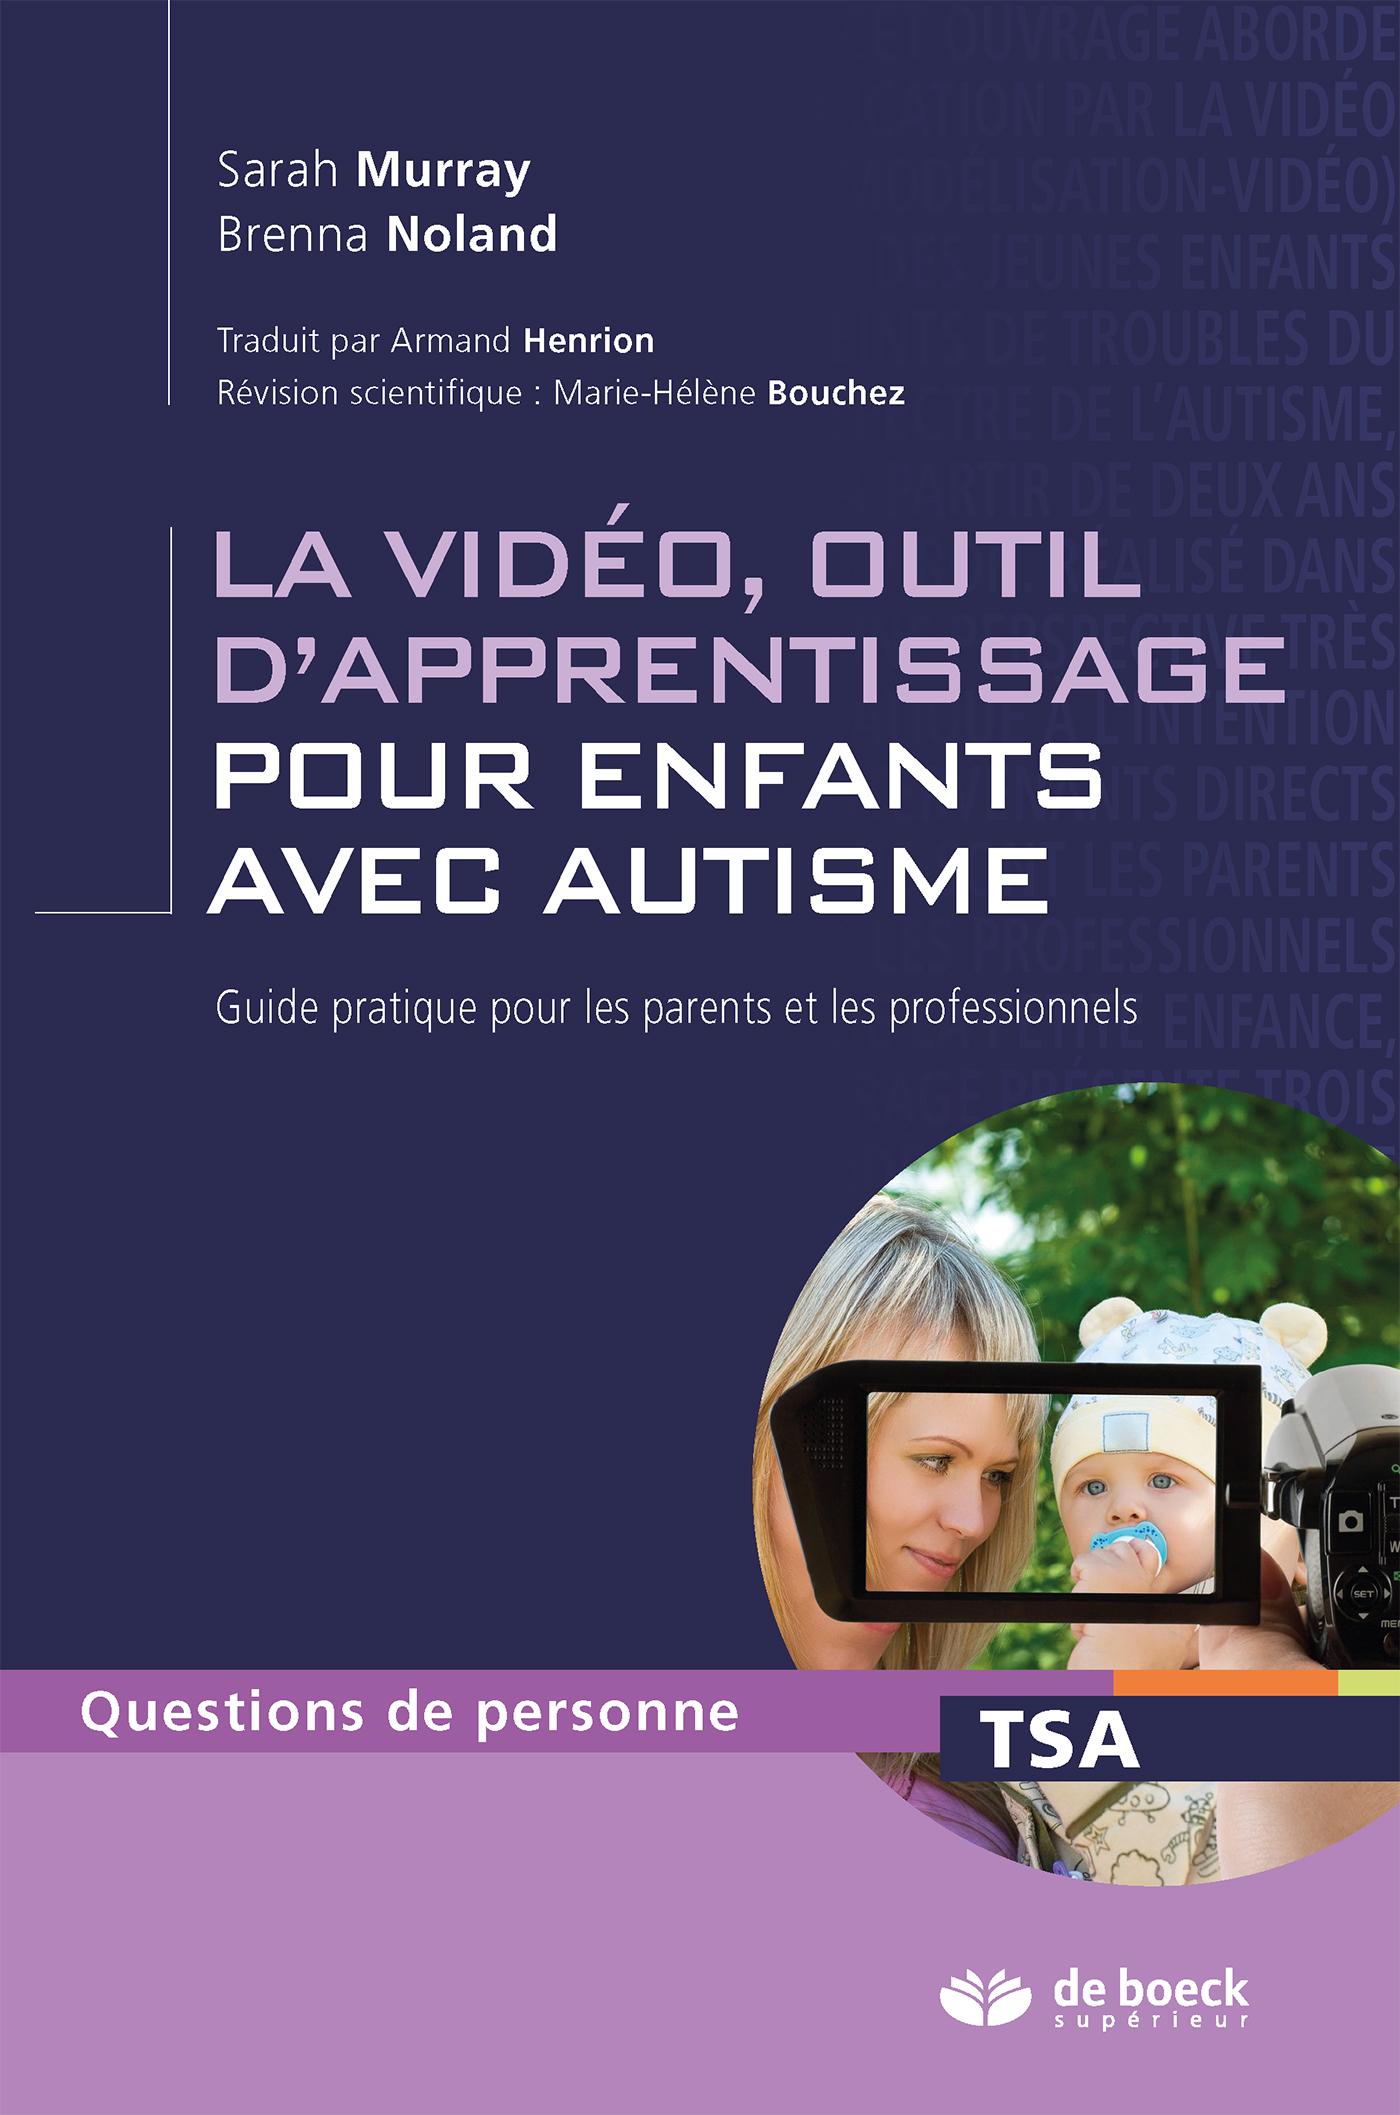 La Video Outil D Apprentissage Pour Enfants Avec Autisme